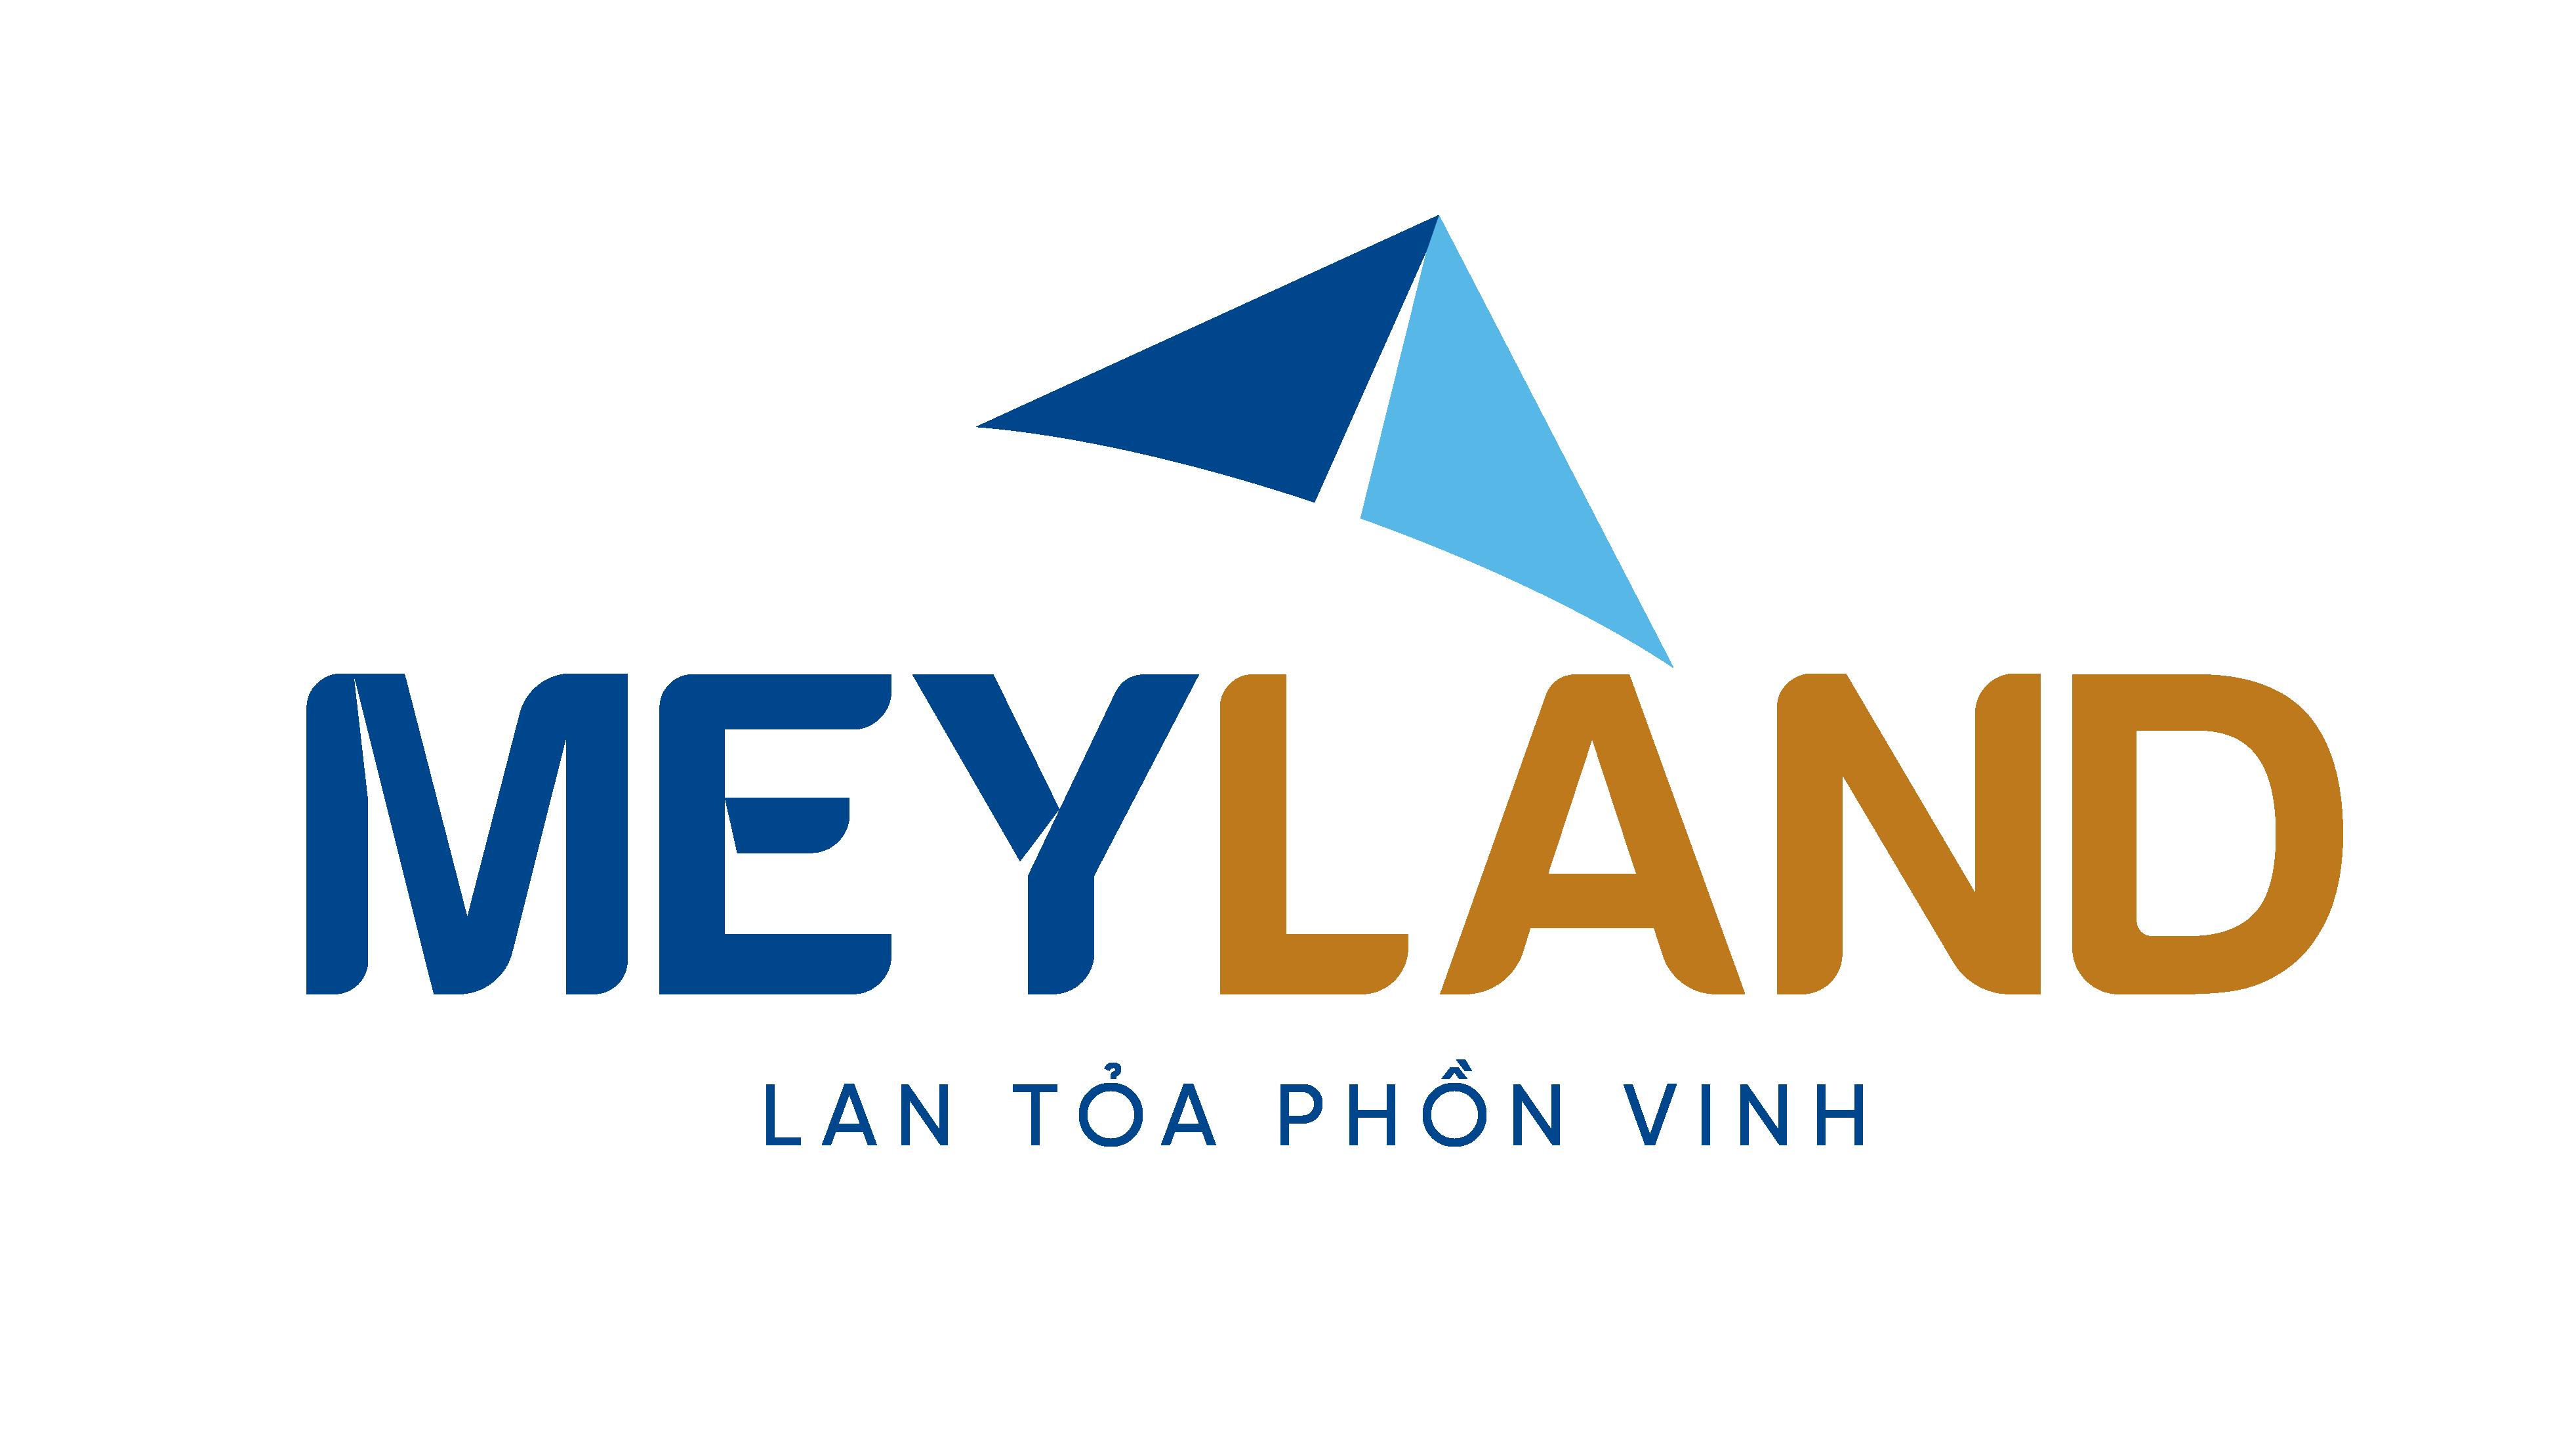 Logo - Meyland